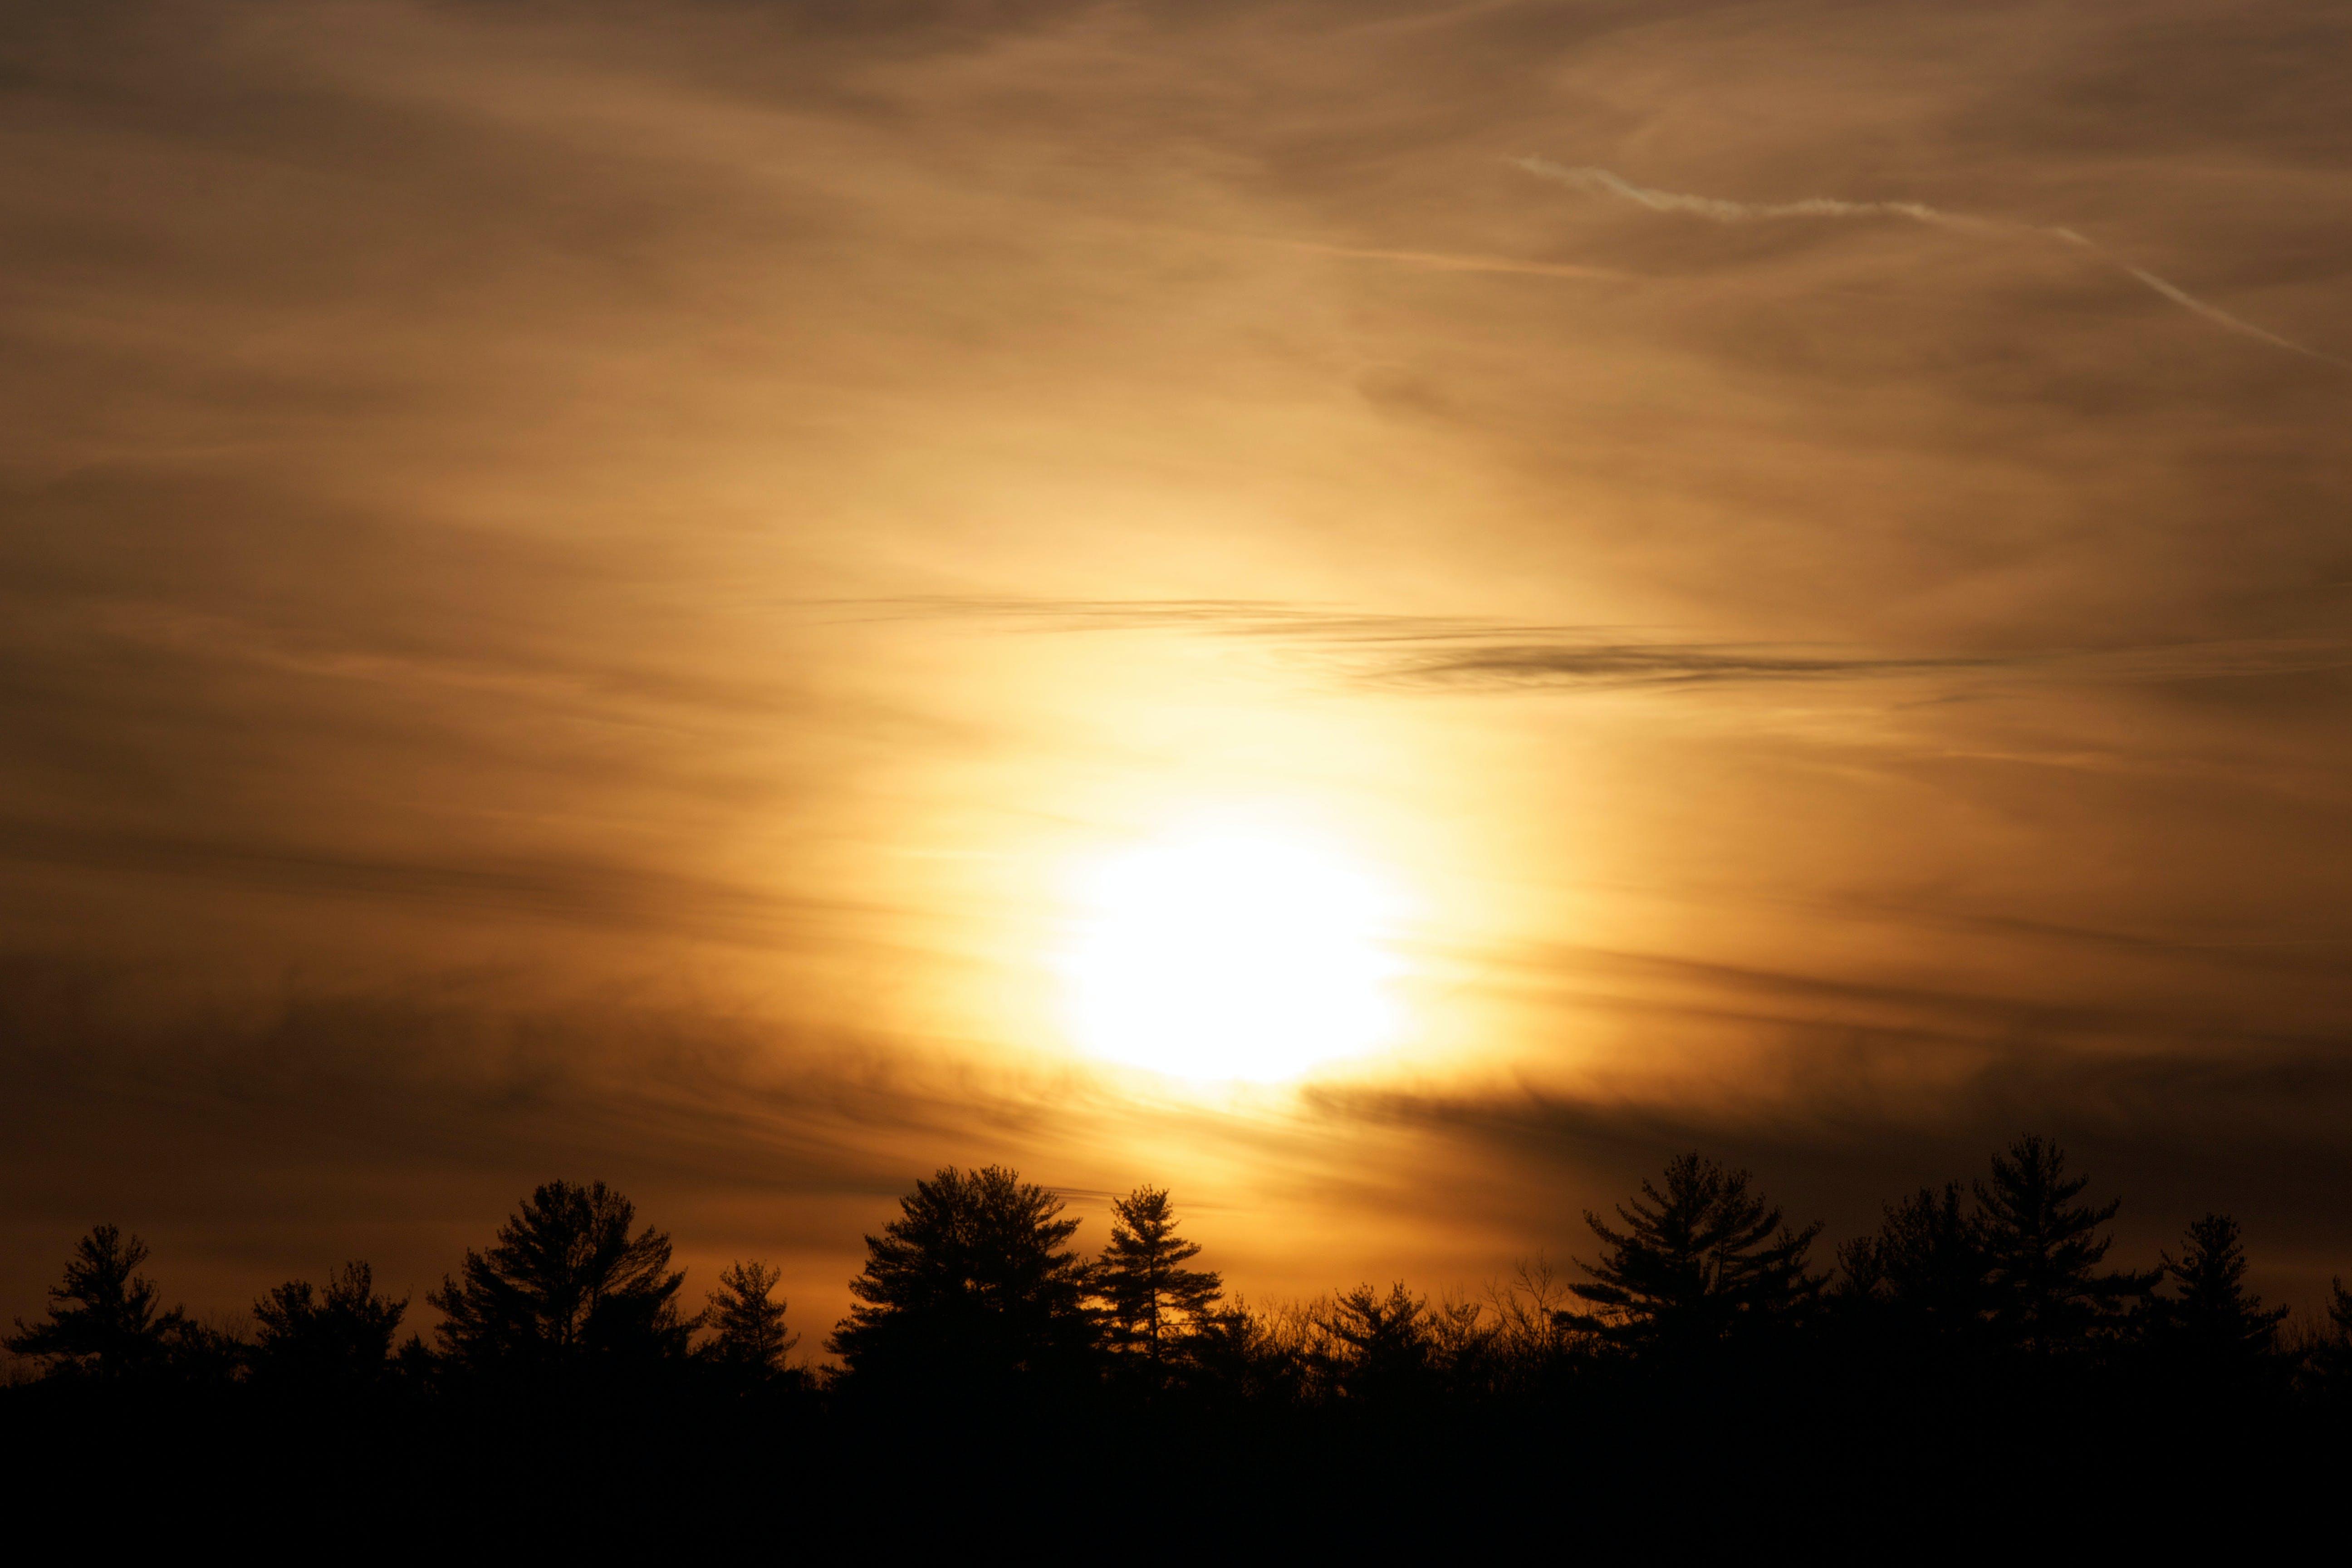 太陽, 日落, 薄暮, 雲 的 免费素材照片